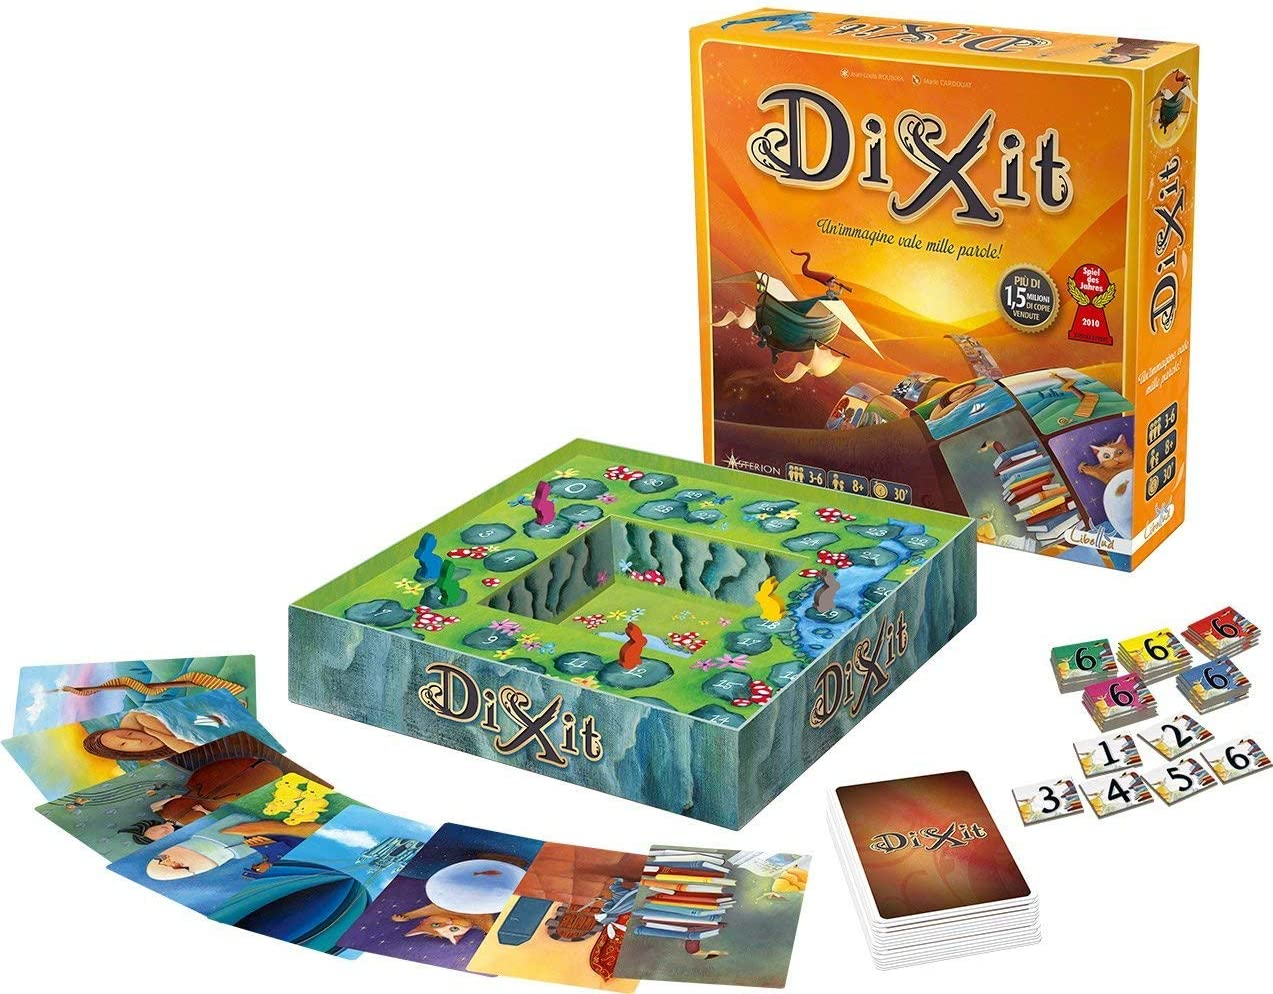 Gioco da tavolo Dixit contenuto della scatola